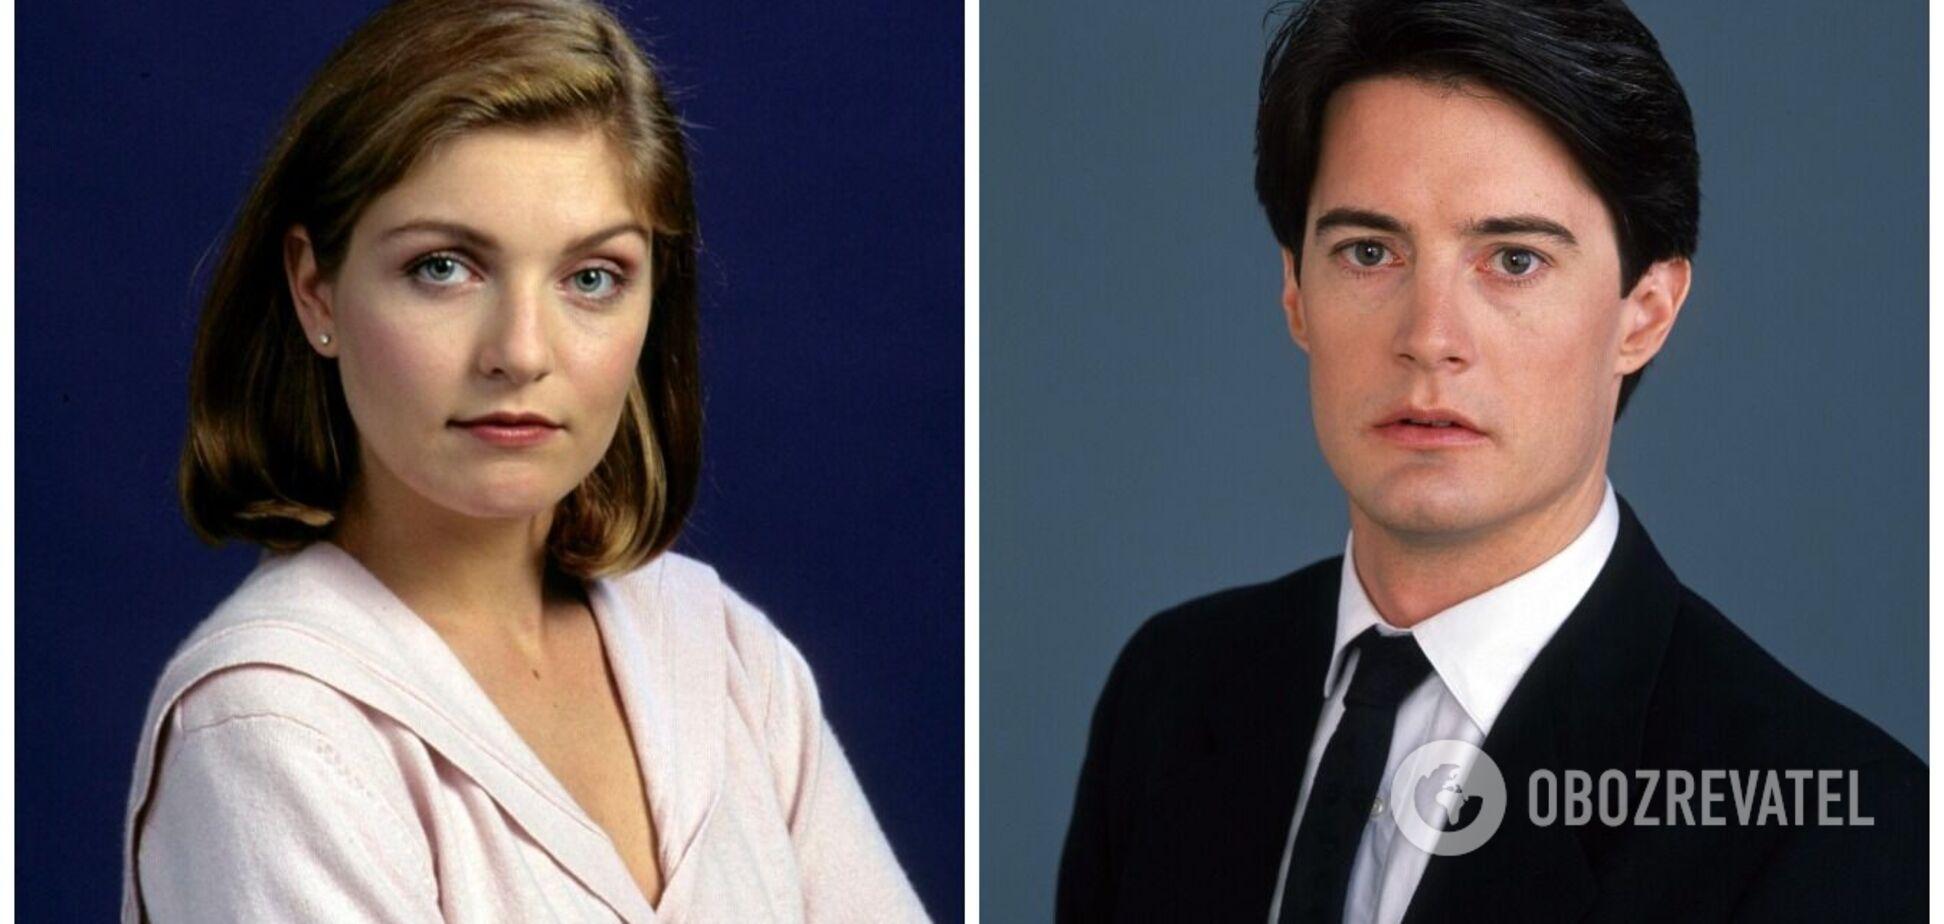 Как выглядят актеры культового сериала 'Твин Пикс' 31 год спустя. Фото